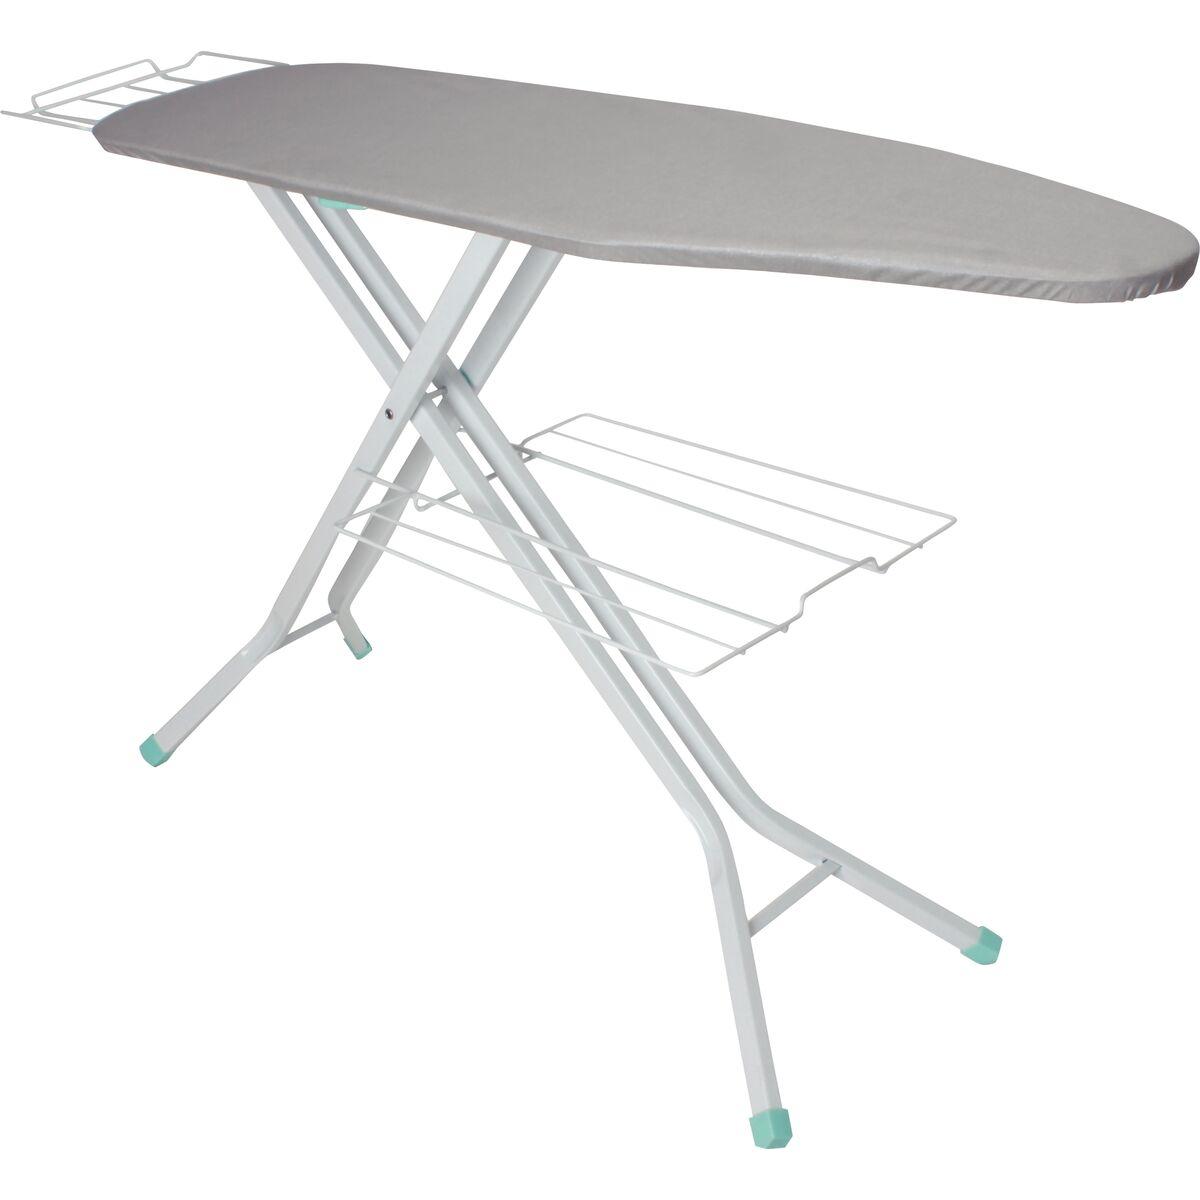 Mesa de Planchar Tramontina Premium de Acero con Articulación Plegable y Descanso para la Plancha